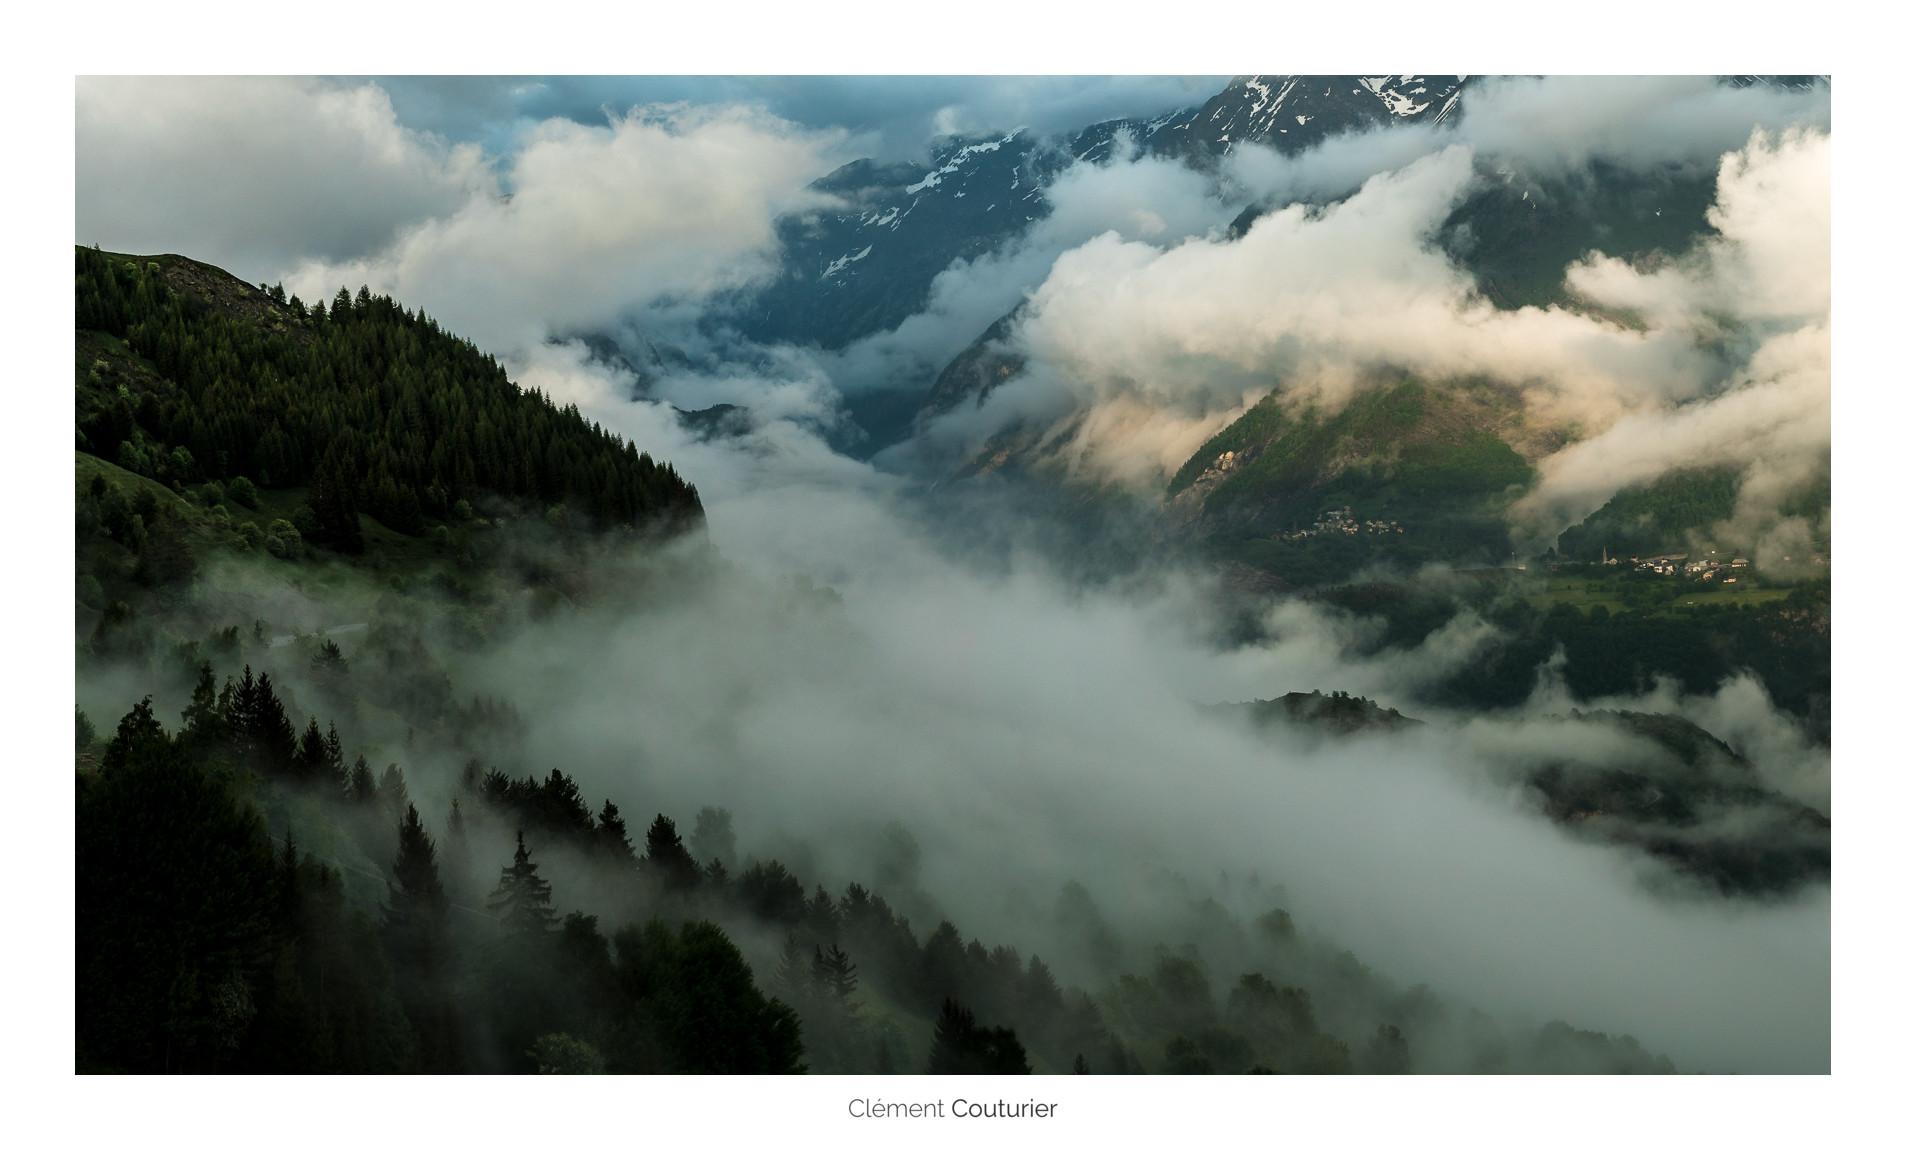 La vallée cachée - Clément Couturier